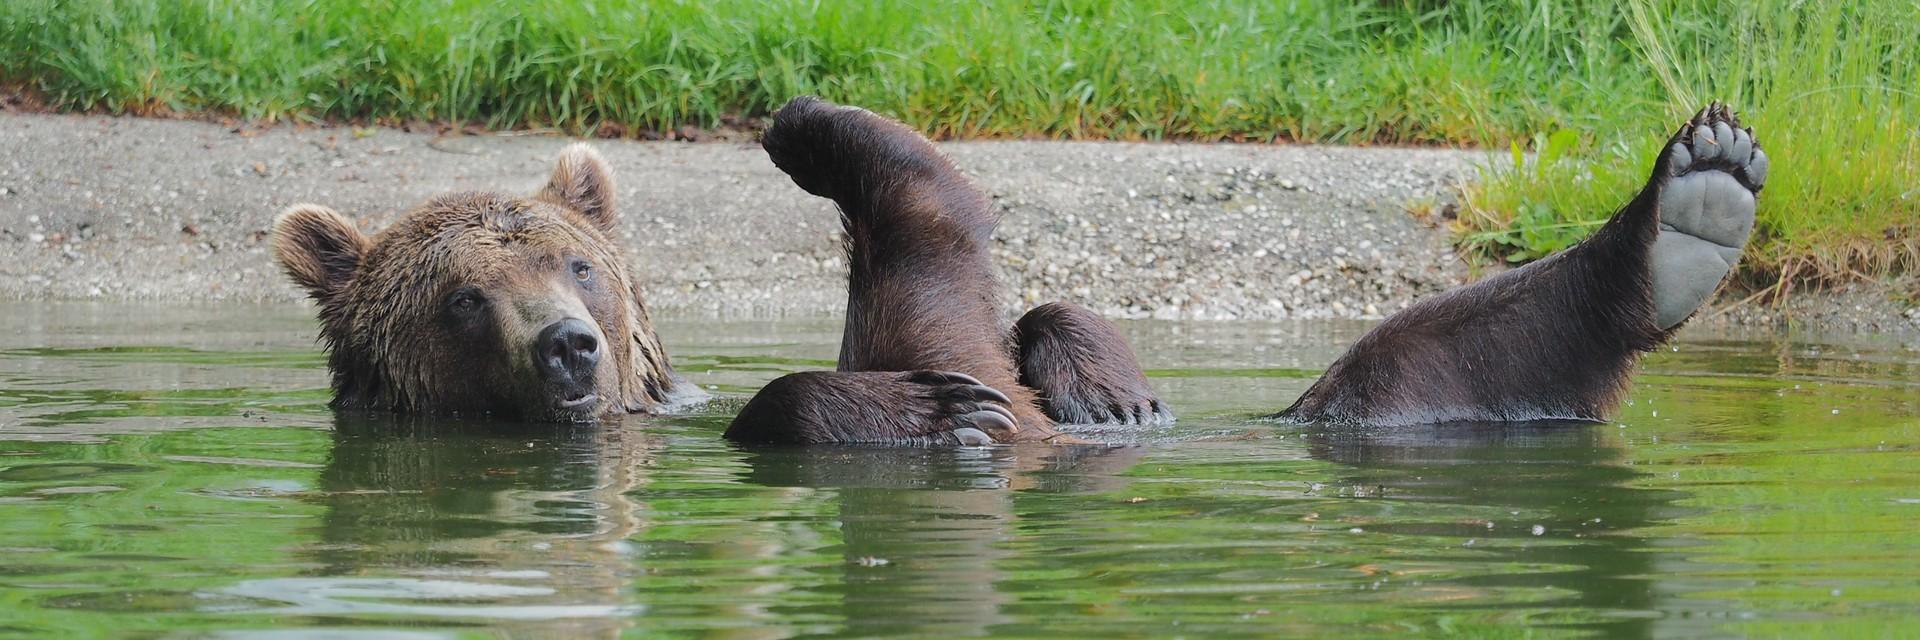 Braunbär Erich liegt entspannt im Teich und streckt die Hinterbeine aus dem Wasser.